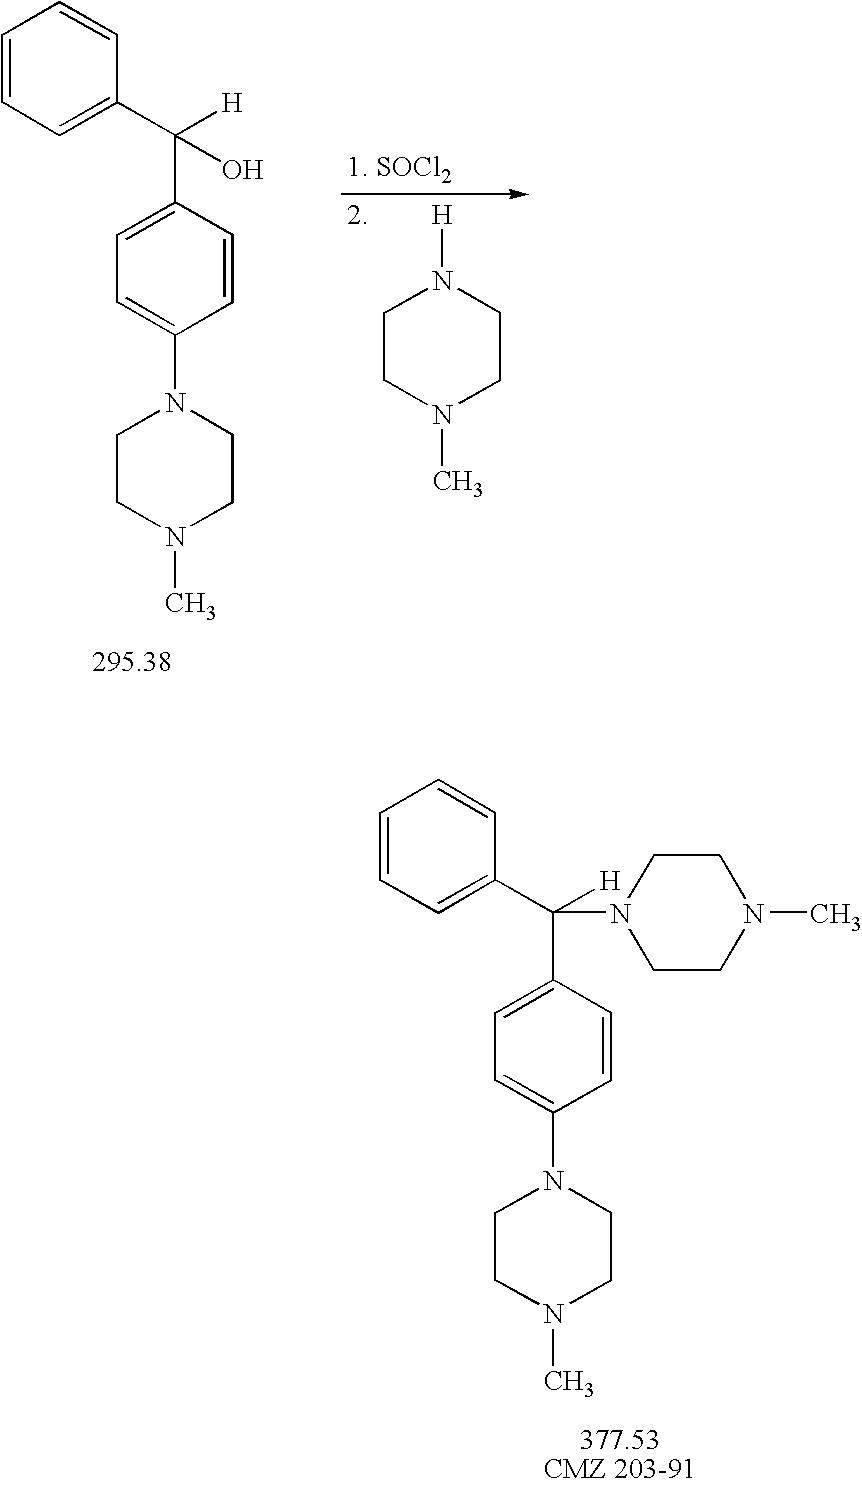 Figure US20070232622A1-20071004-C00307